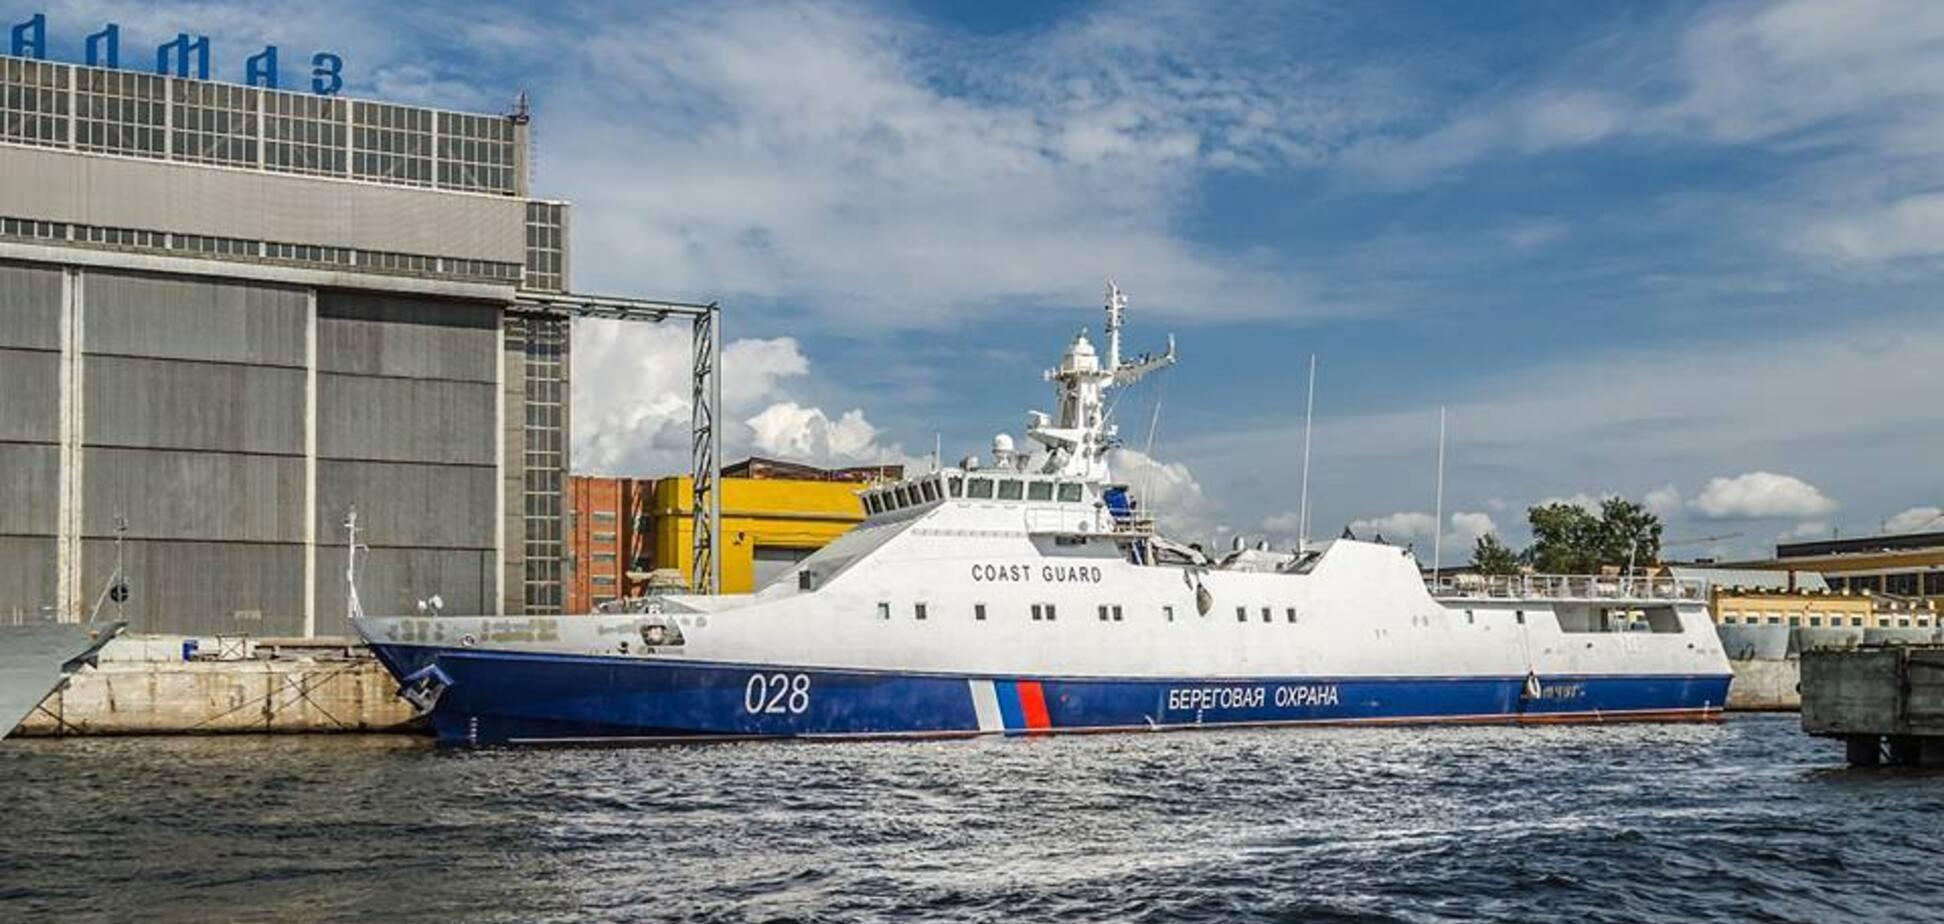 Атакують з моря? Російську техніку помітили біля берегів України: що відомо